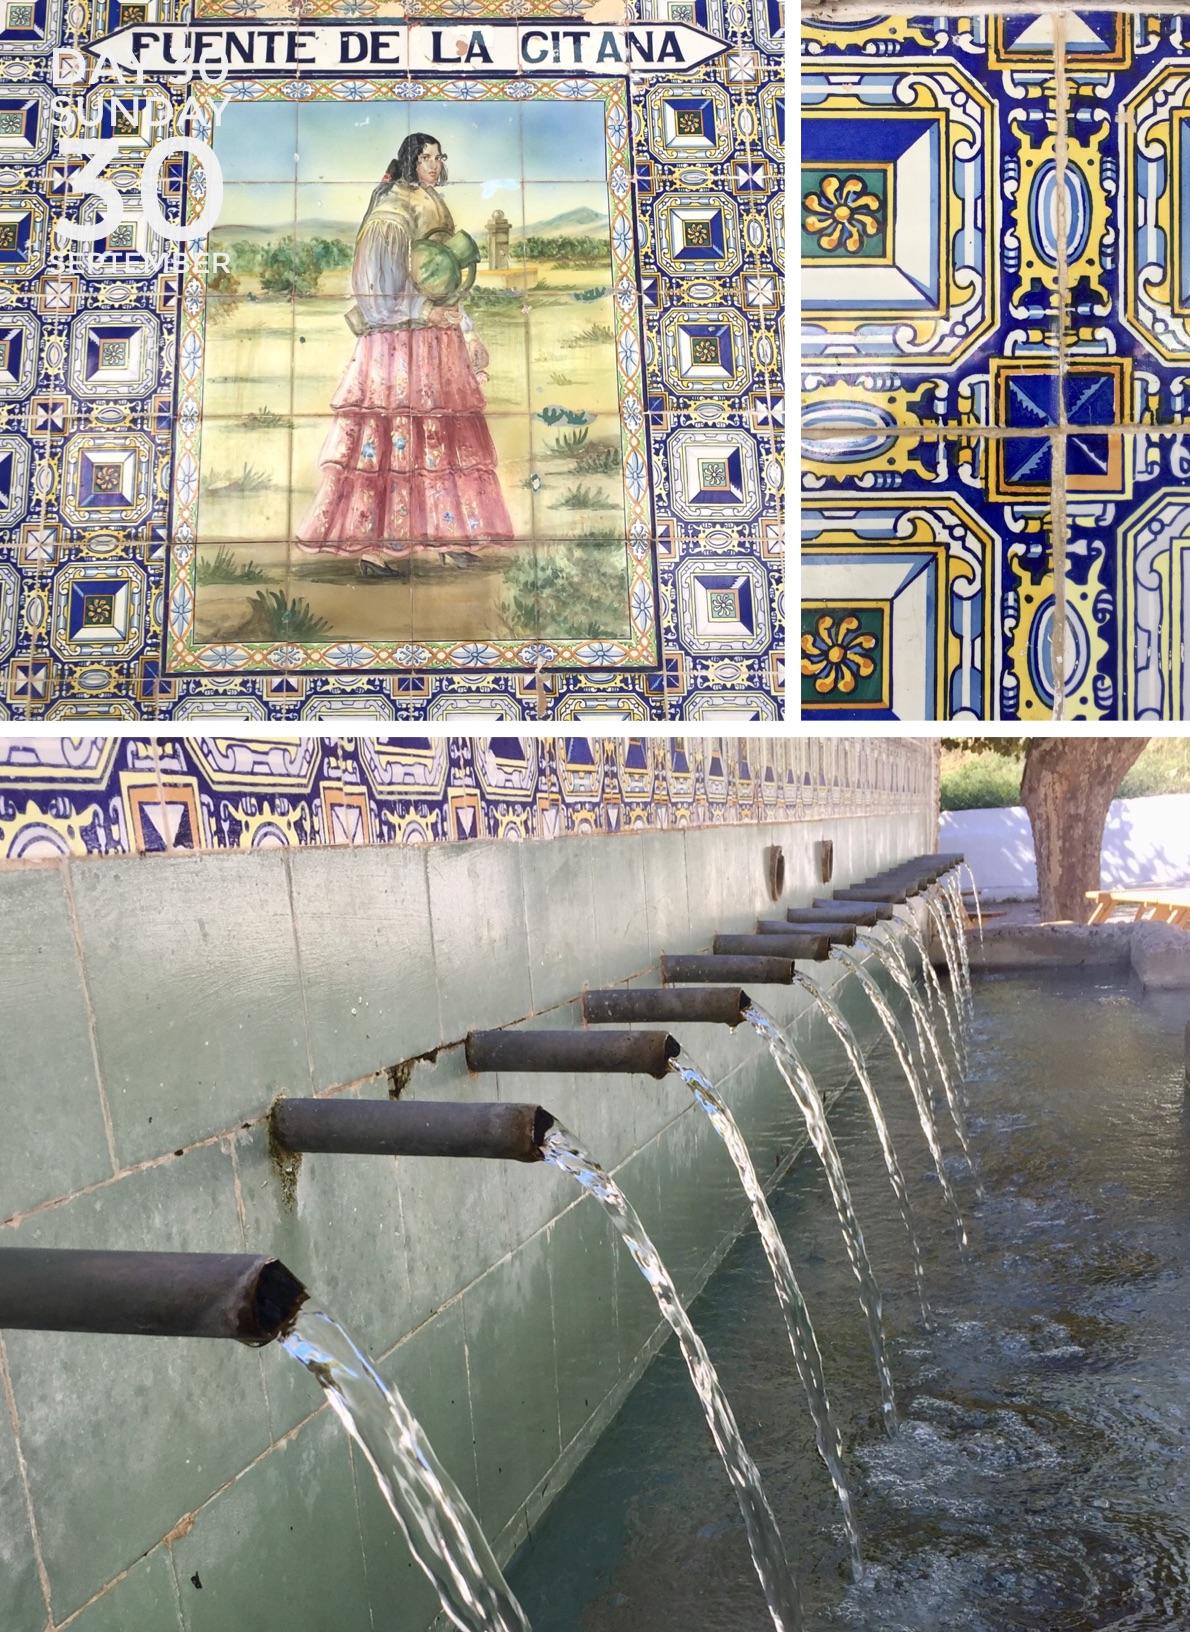 """El Fuente de """"La Gitana"""" (Gypsy)"""